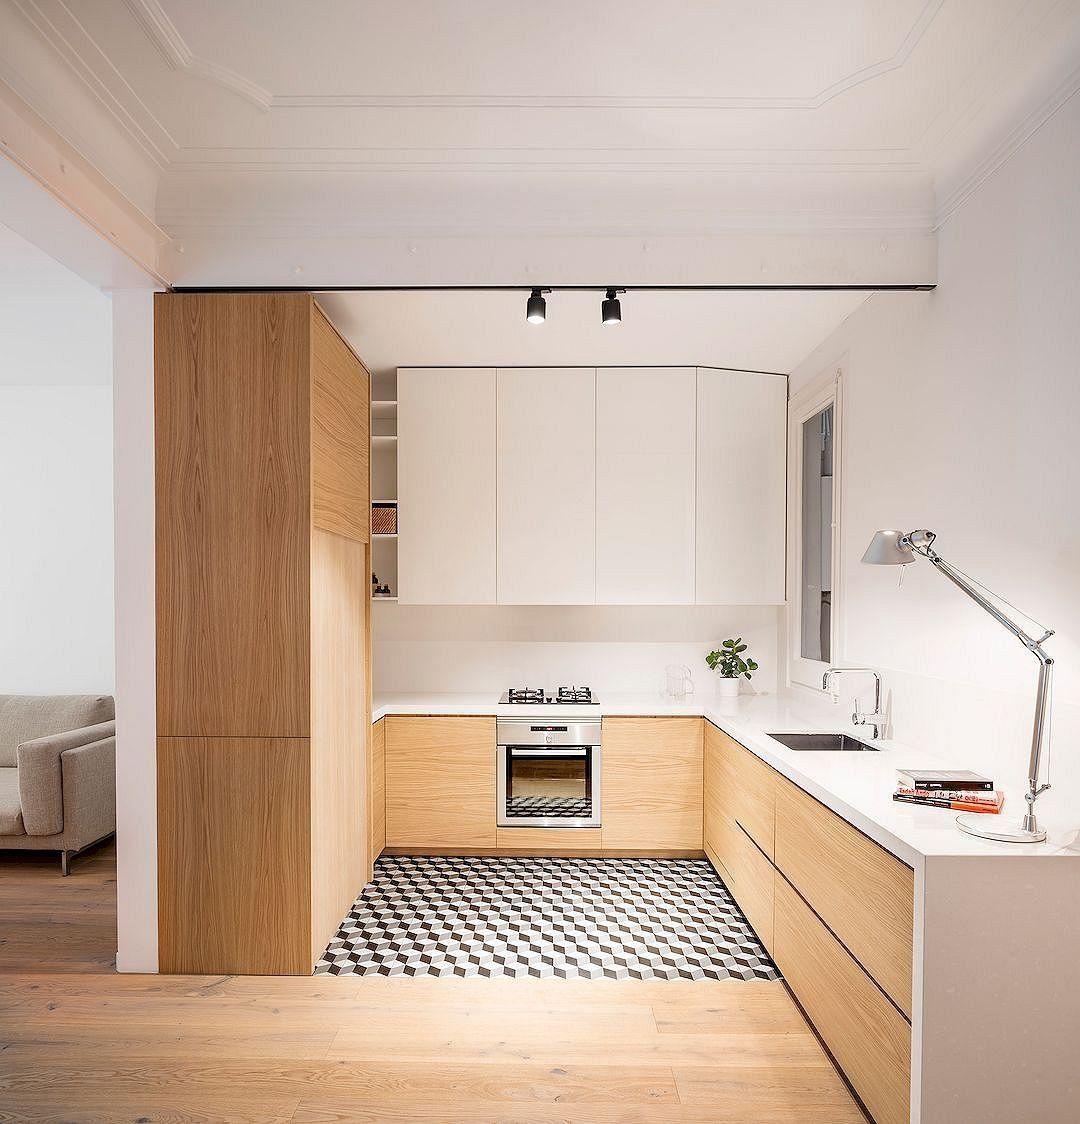 12 Nice Ideas for Your Modern Kitchen Design | Küche